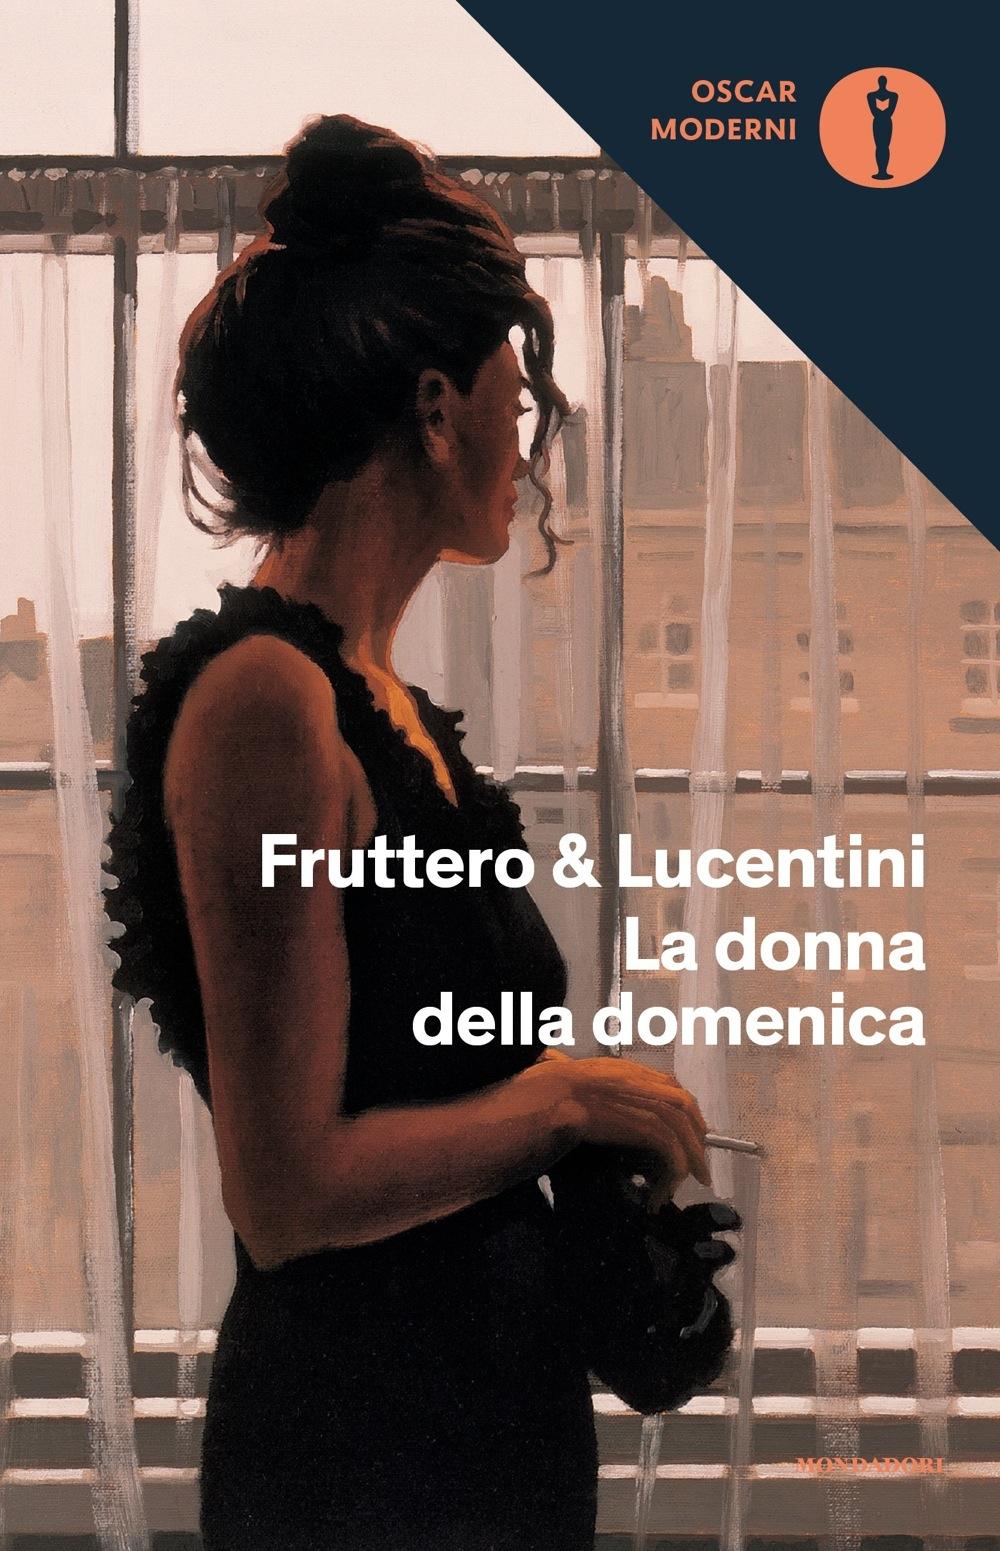 La donna della domenica - Fruttero & Lucentini